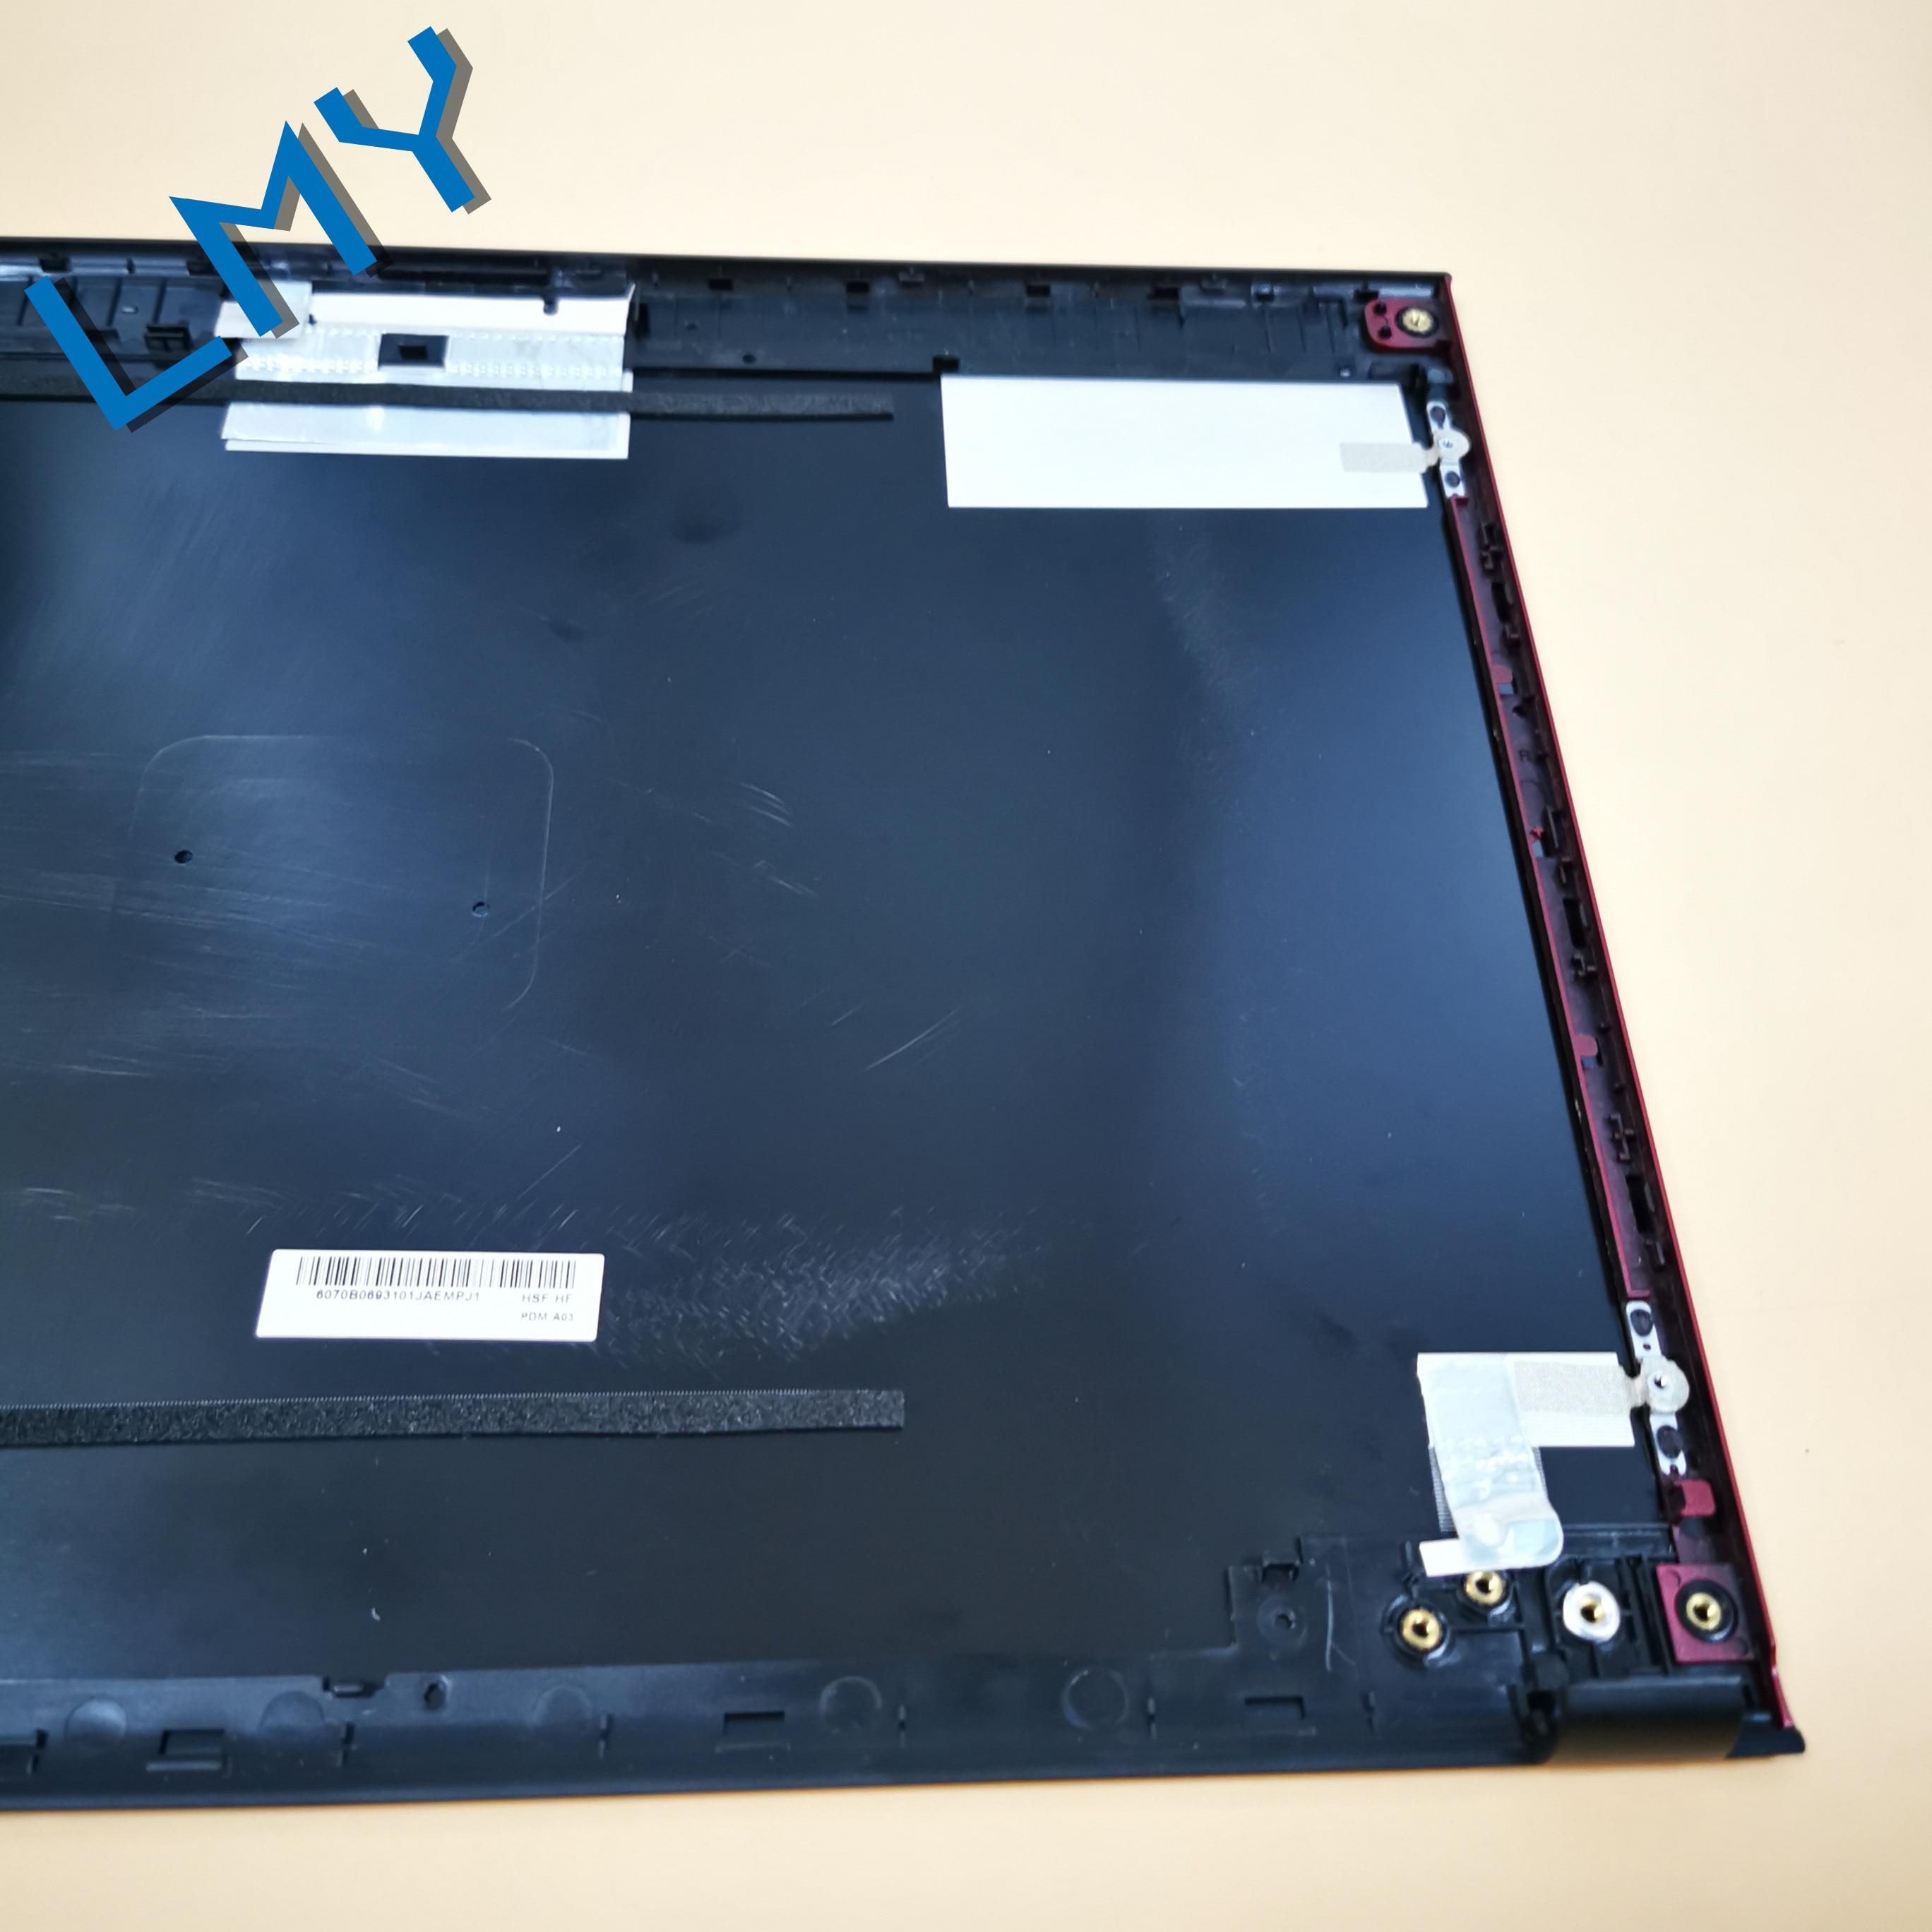 Nouvelle coque d'origine pour ordinateur portable Fujitsu U536 UH554 housse arrière pour ordinateur portable LCD noir 6070B0693101 - 4